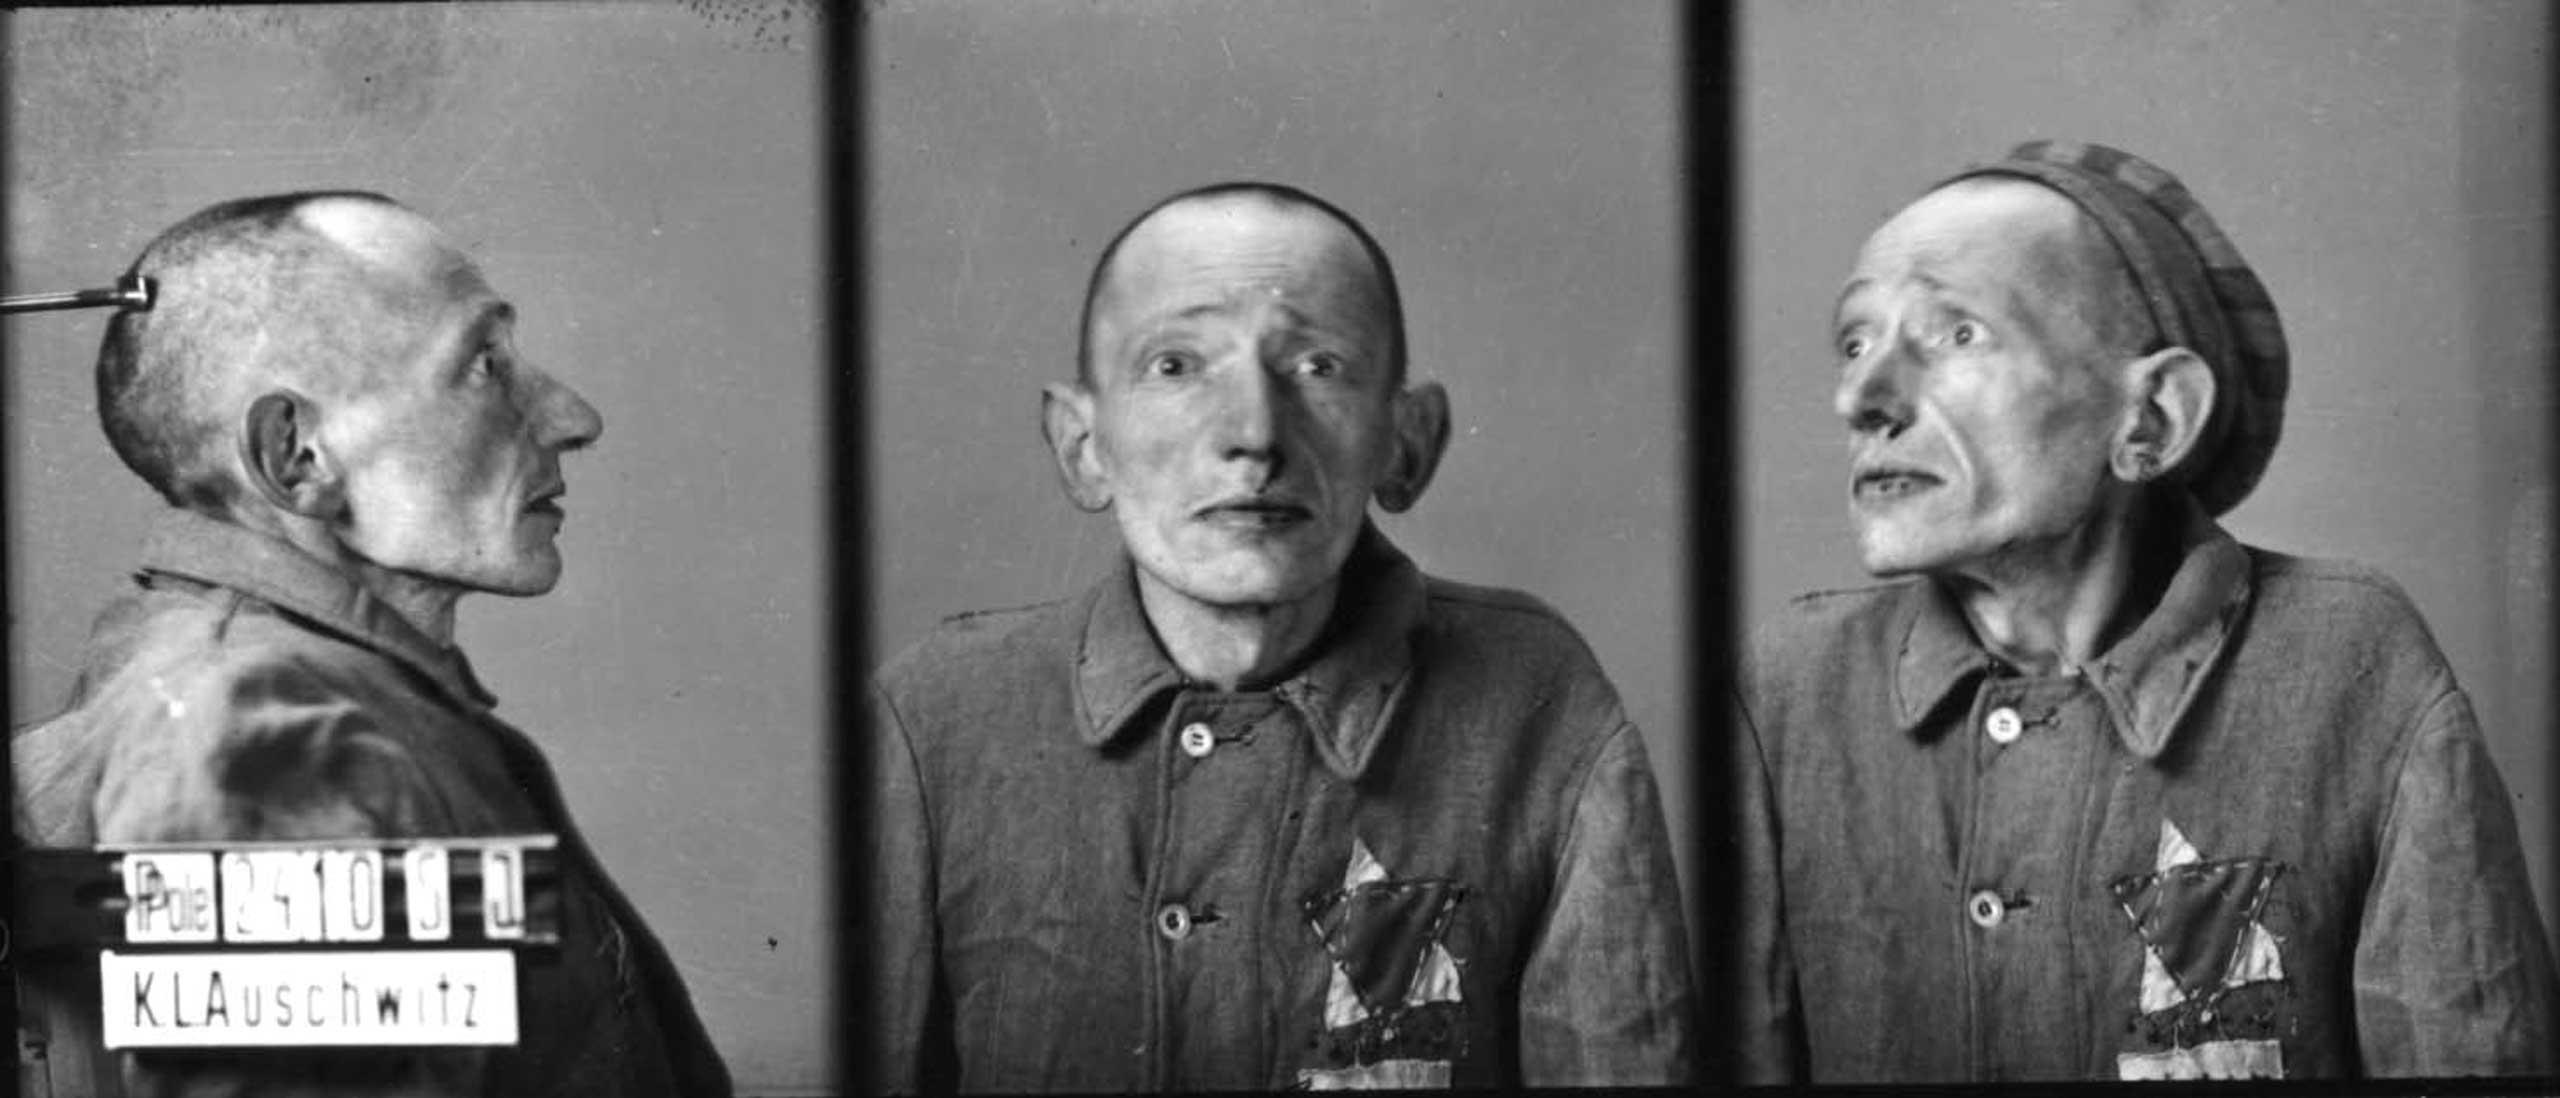 Prisoner no. 24105. at Auschwitz, Poland, c. 1940-45.